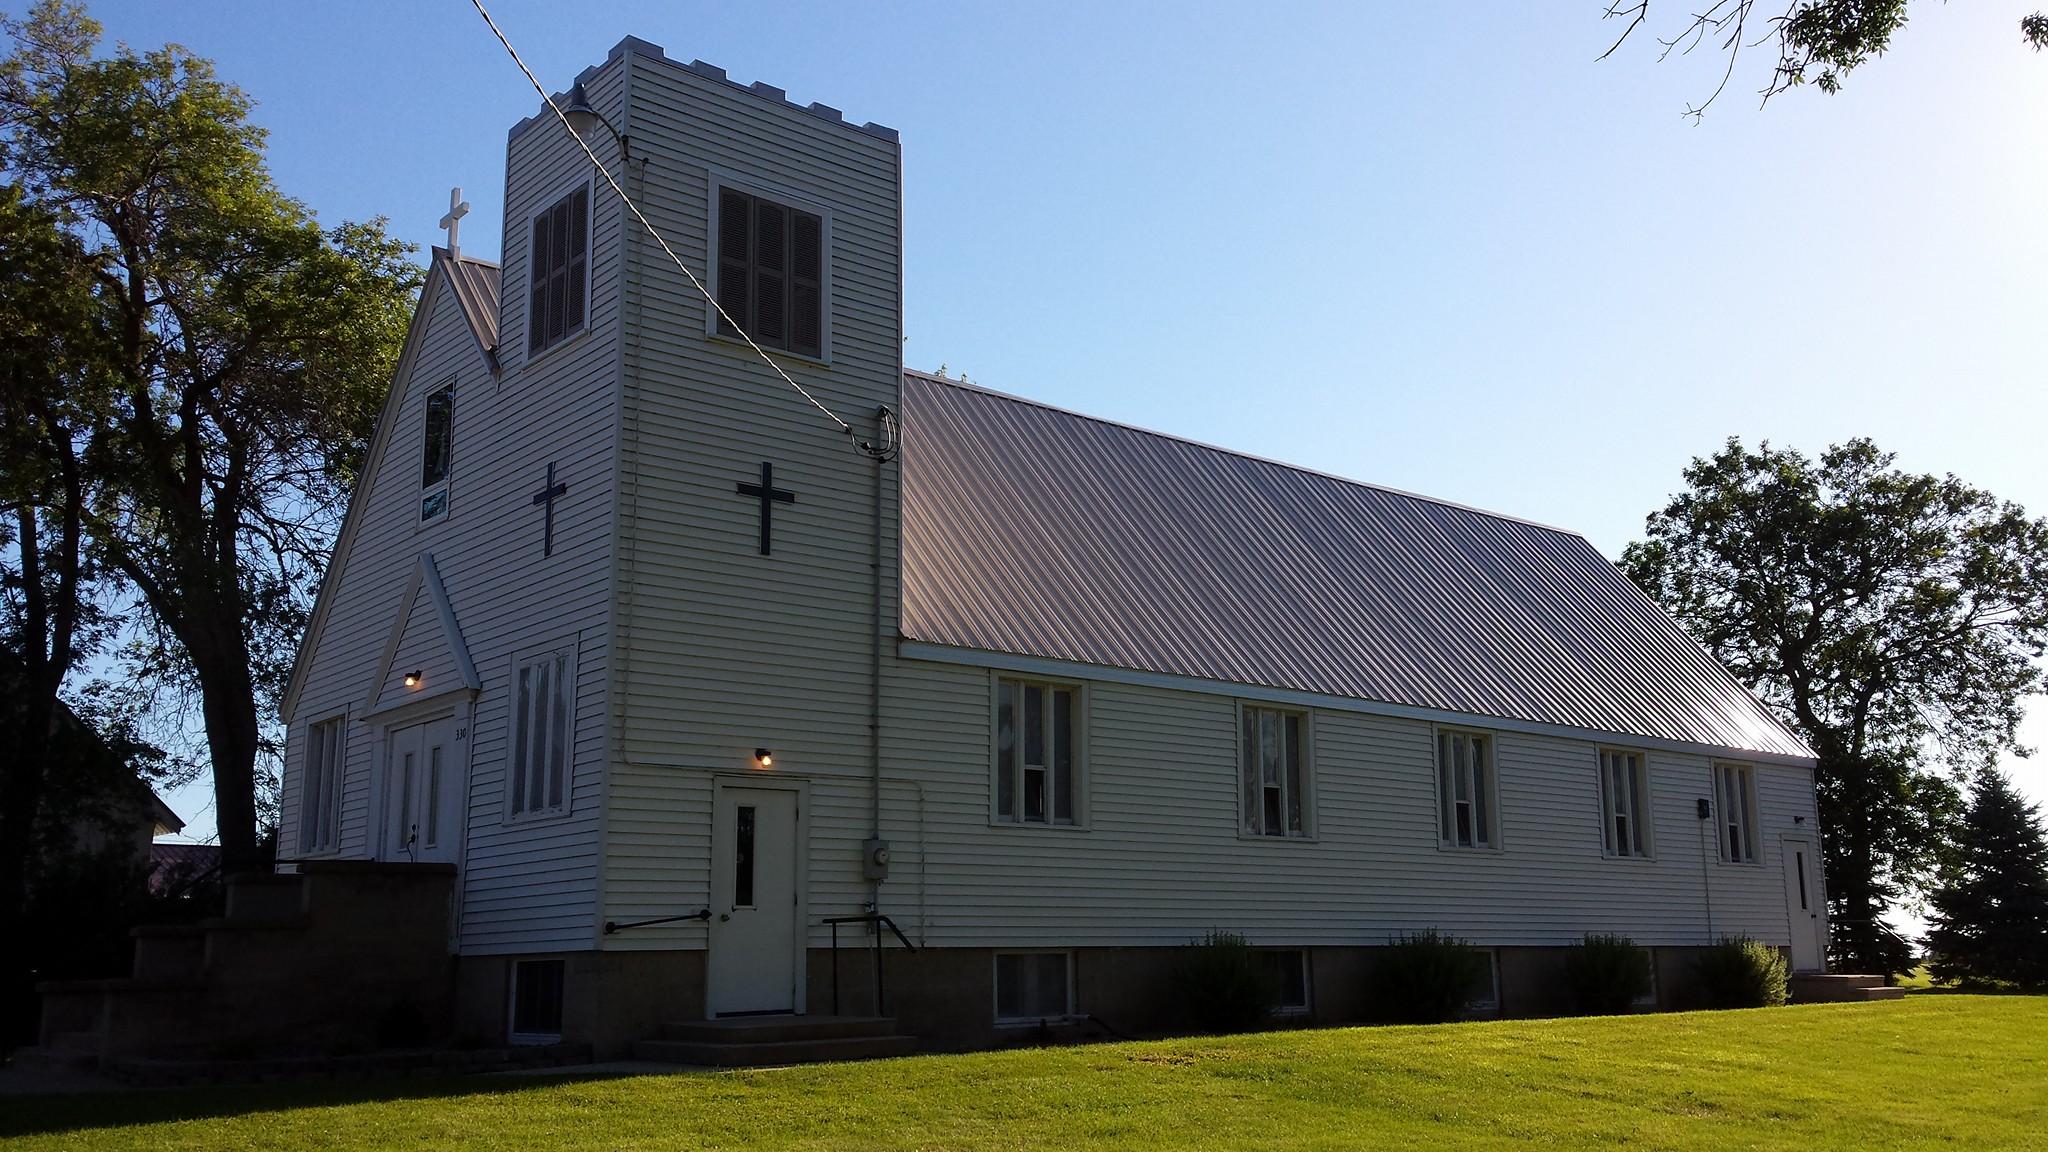 St John's new roof